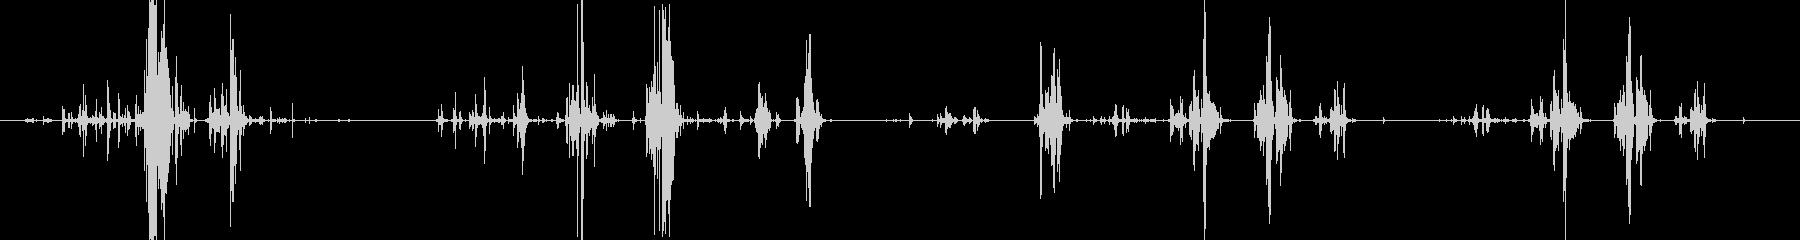 シャックルとチェーンの動きの未再生の波形